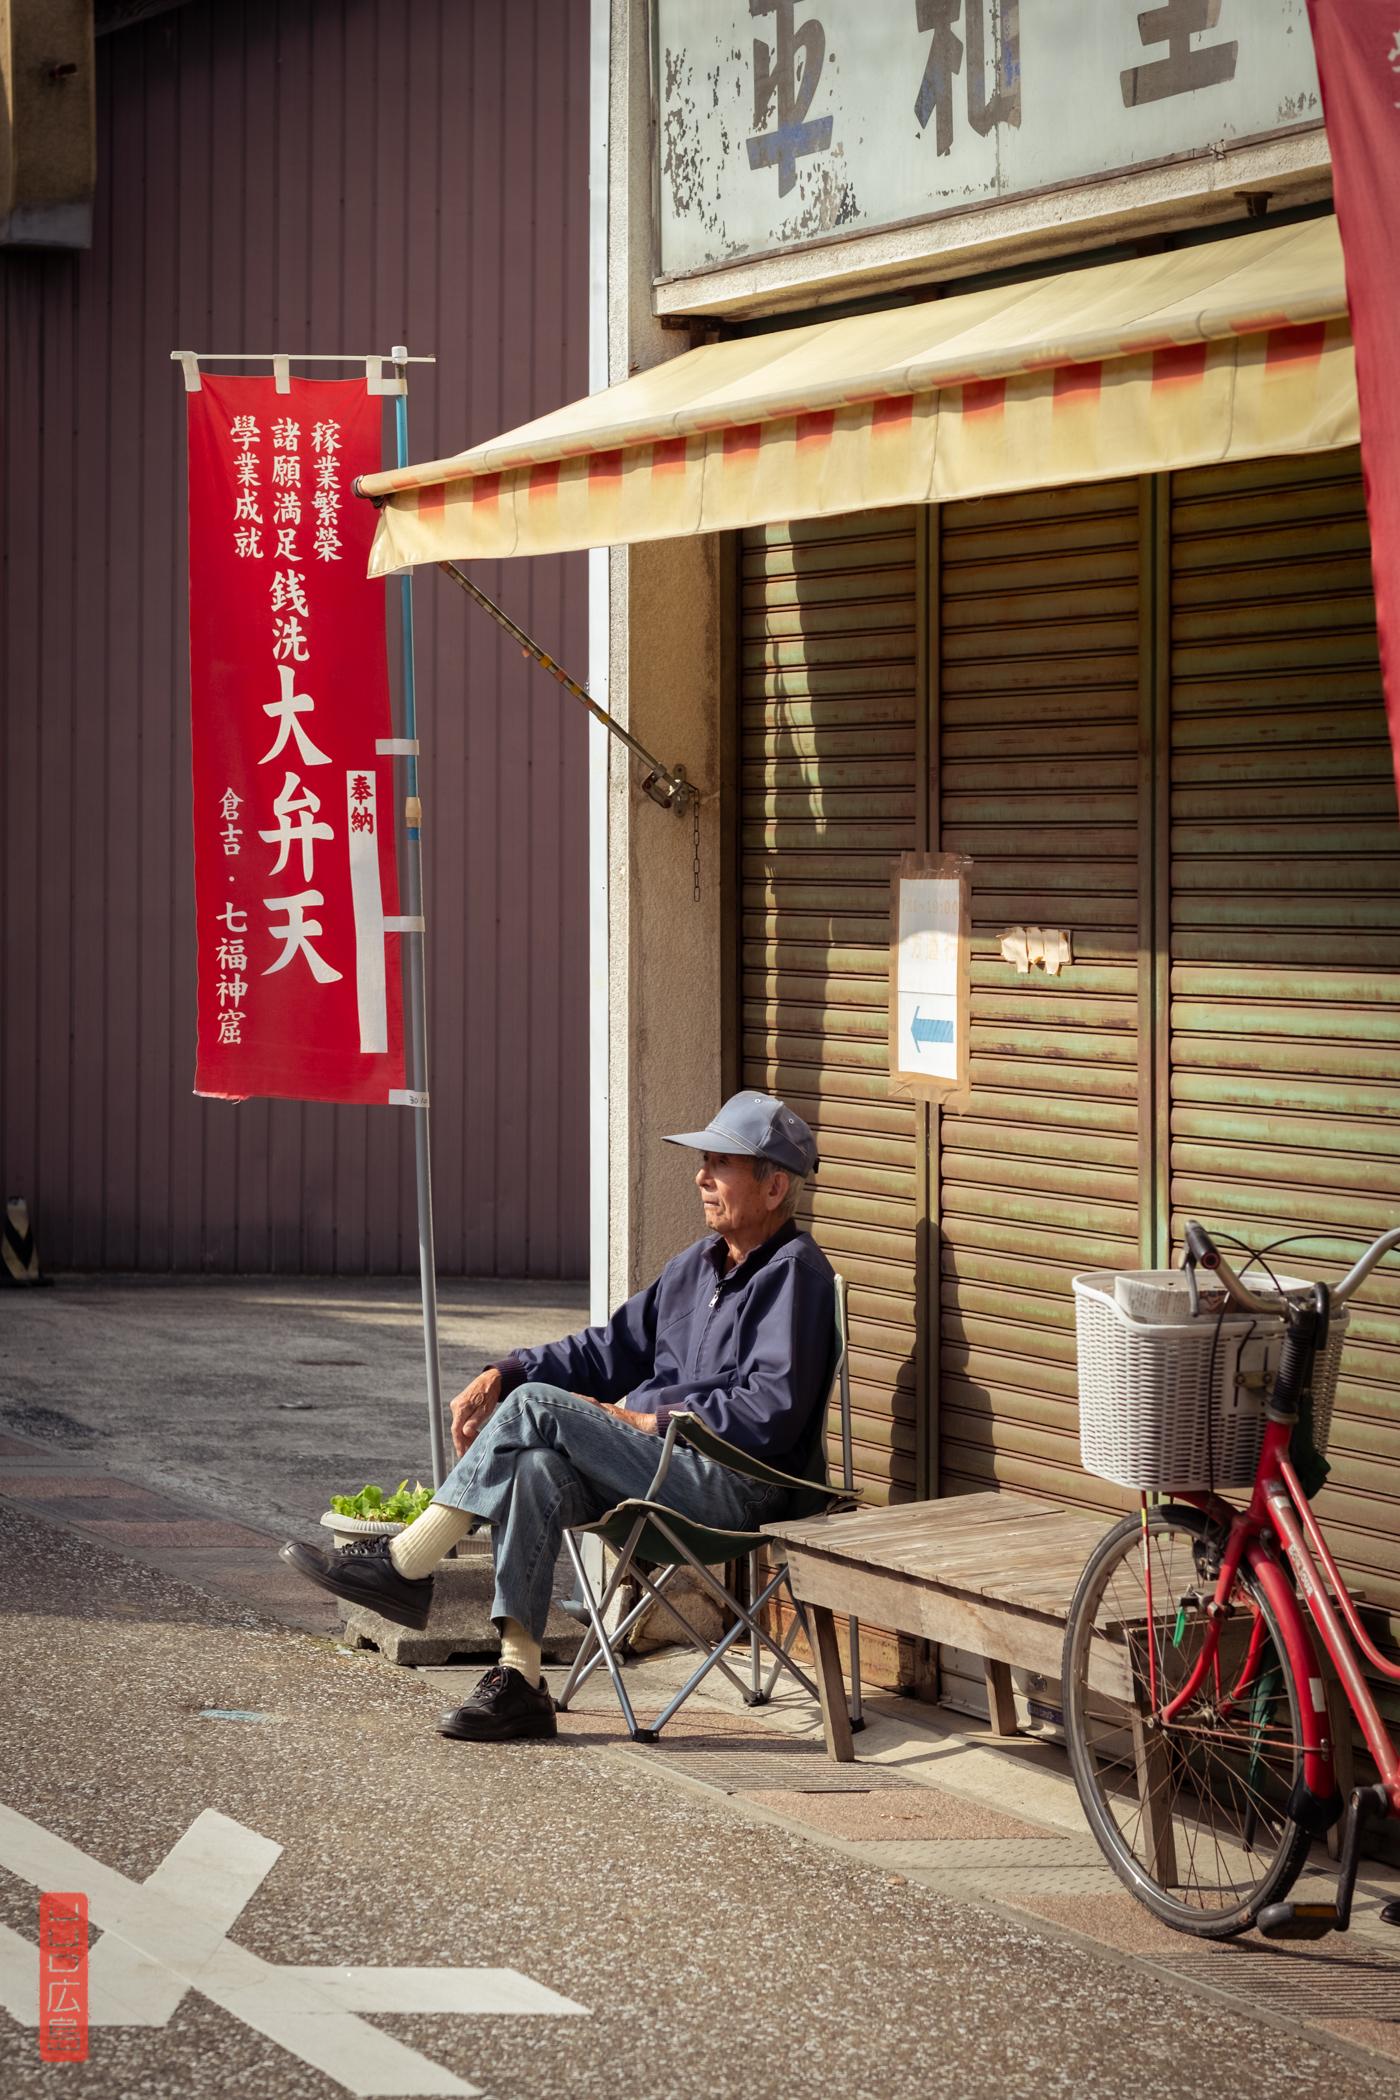 Vieil homme dans les ruelles de Kurayoshi